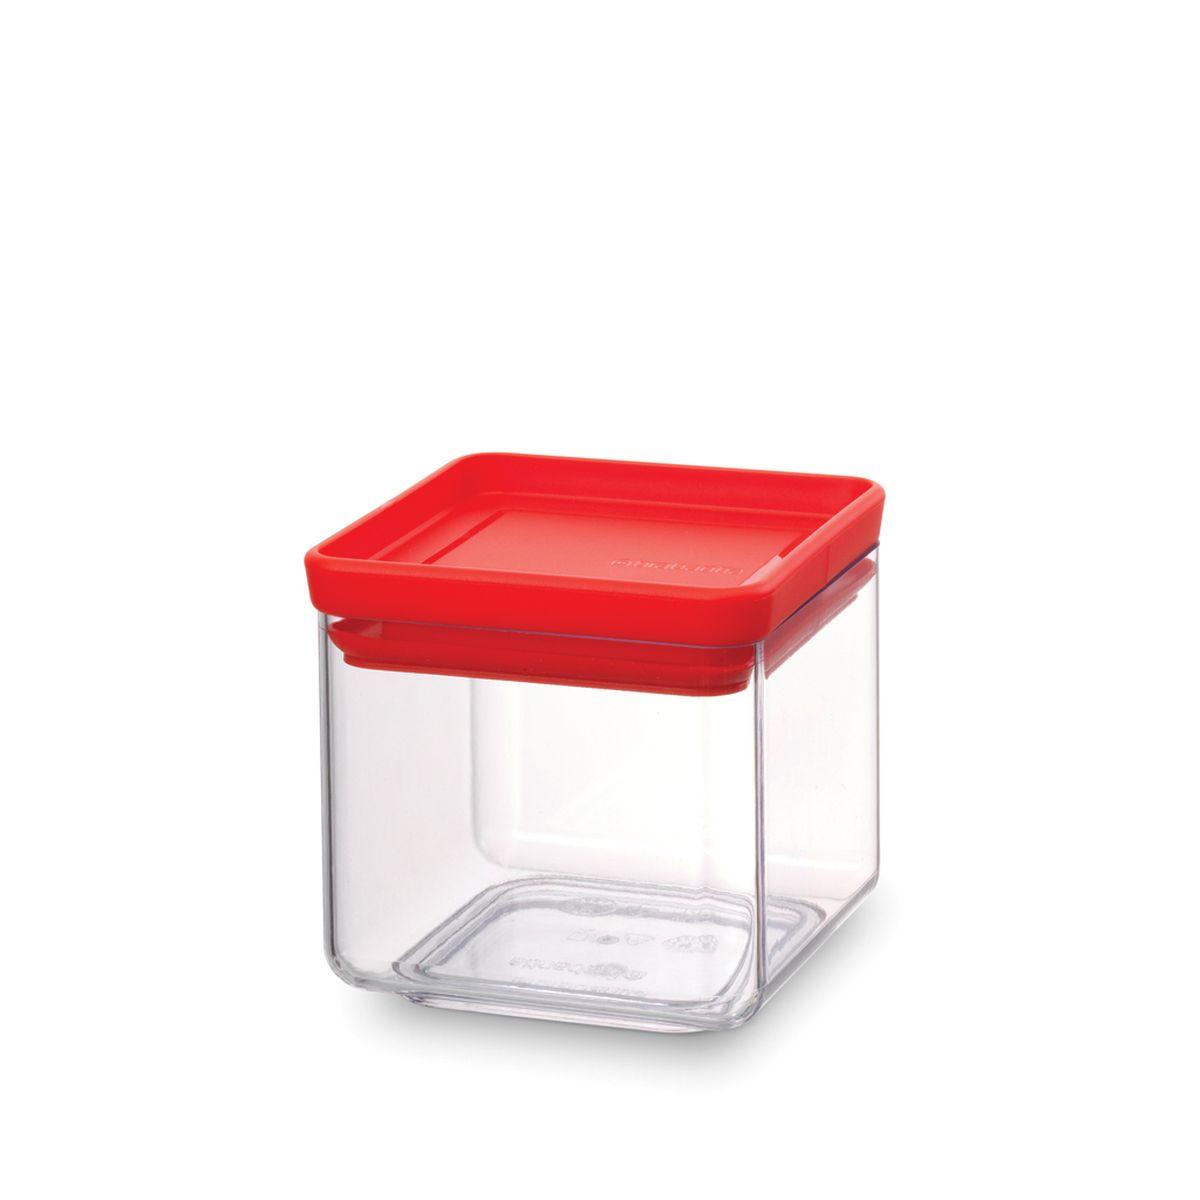 Контейнер для сыпучих продуктов Brabantia Tasty Colors, 700 мл. 290008290008Занимает мало места – контейнеры имеют прямоугольную форму и составляются один на другой. Продукты надолго сохраняют свежесть и аромат – силиконовый уплотнитель. Хорошо видно содержимое и его количество. Легко моется – можно мыть в посудомоечной машине. Прочный и абсолютно прозрачный – изготовлен из пластика. Входит в коллекцию «Tasty Colours».